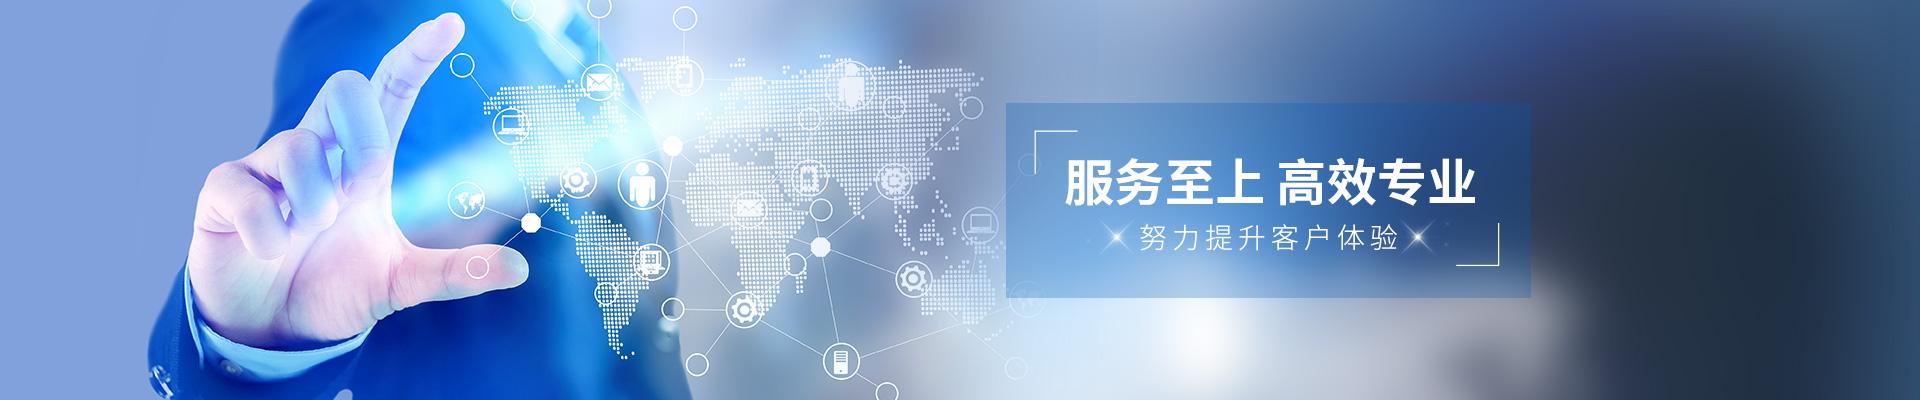 浦东新区低碳汽车租赁代理品牌